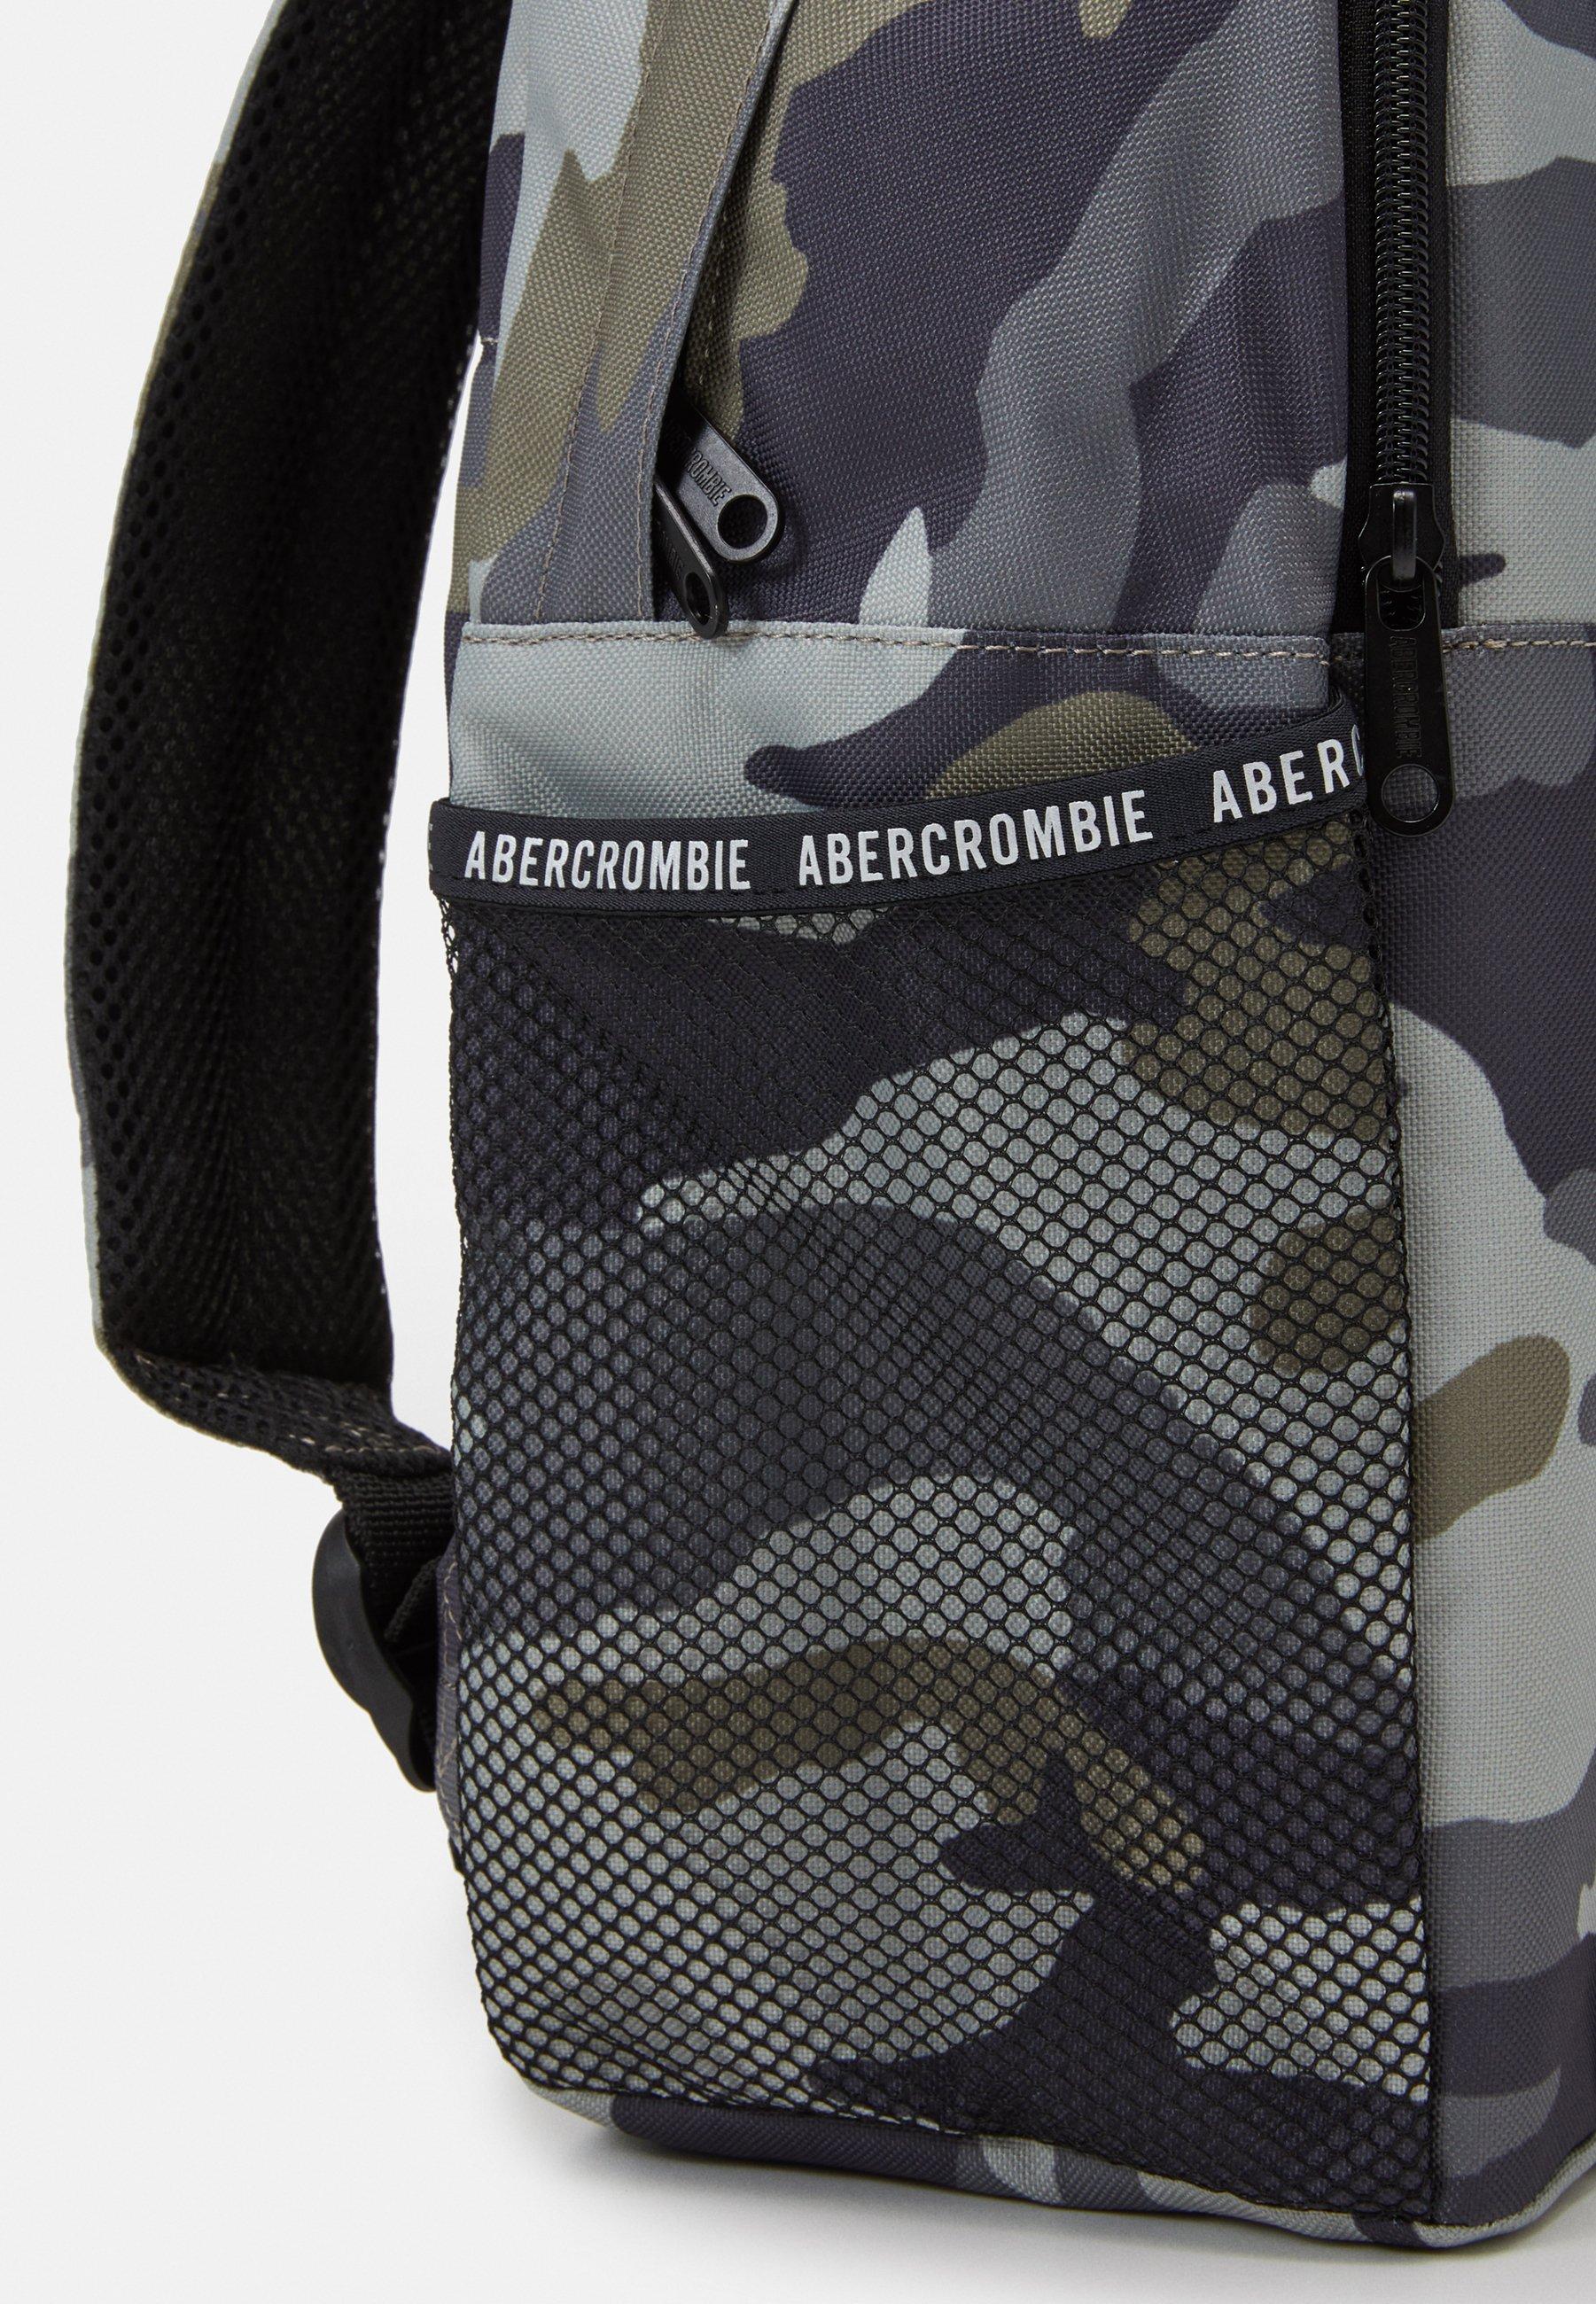 Abercrombie & Fitch Ryggsekk - camo/grå iJUoG20KgnfCw90